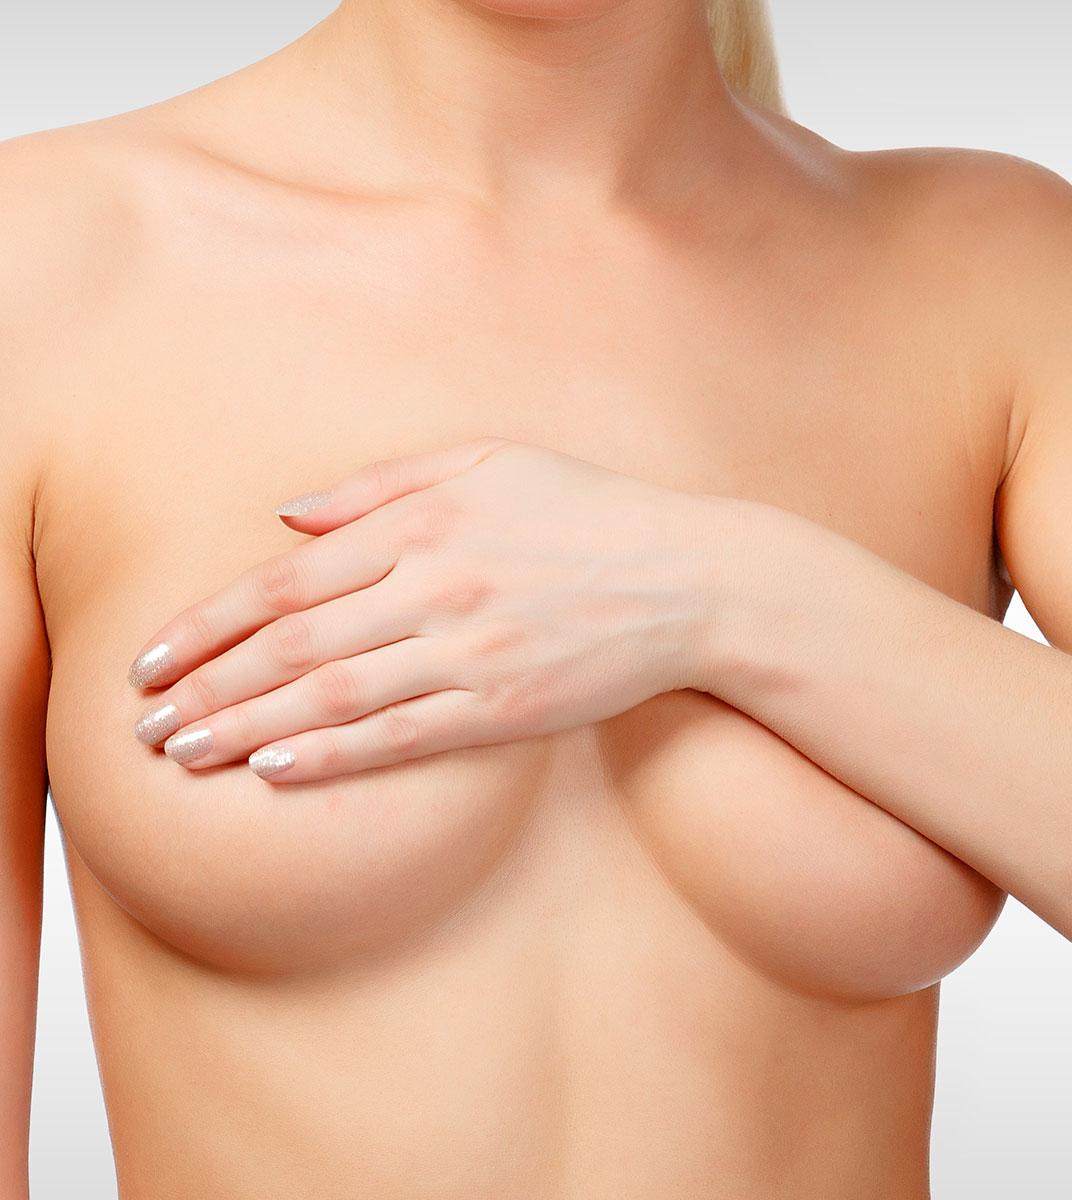 Bruststraffung Schönheitsoperation